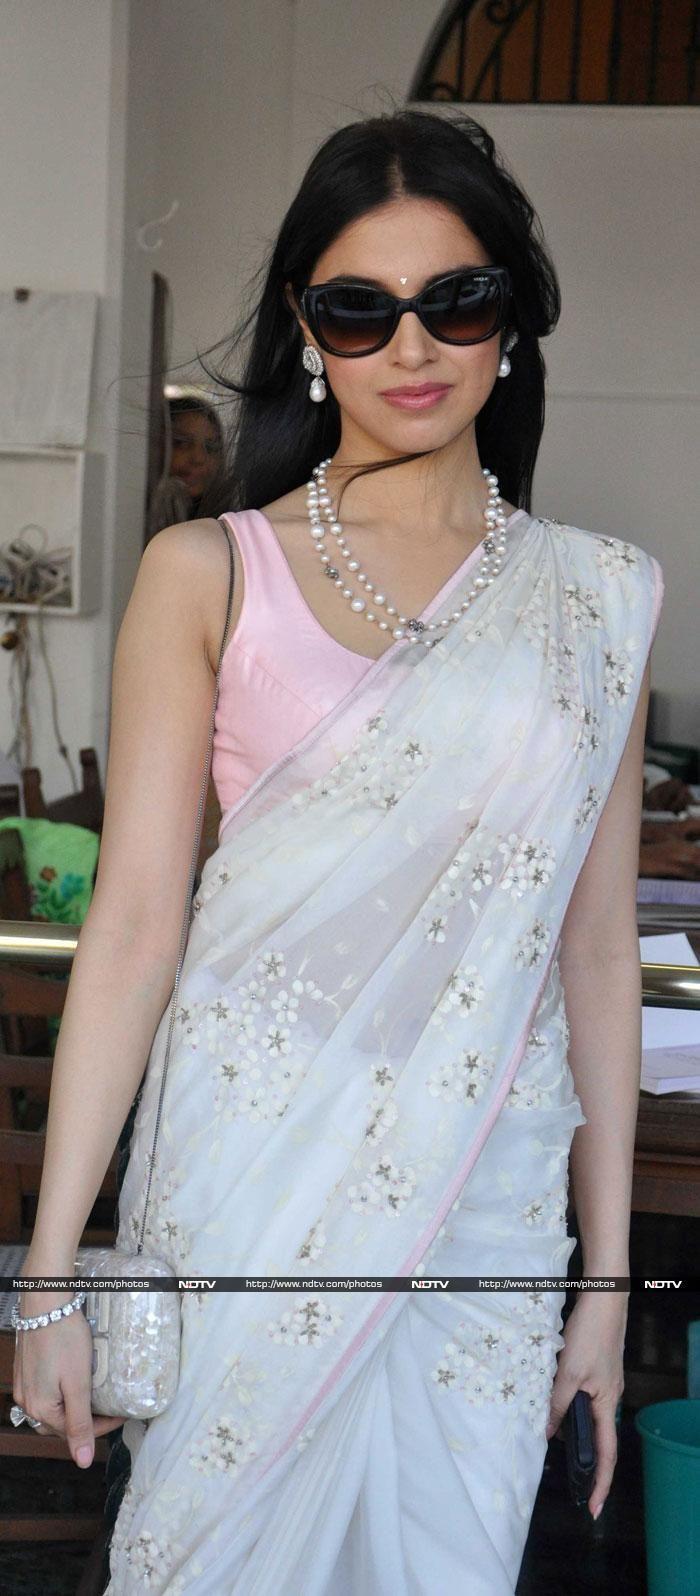 Jan, 14: Actor & Director Divya Khosla Kumar in SHEHLAA by Shehla Khan https://www.facebook.com/pages/Shehlaa-by-Shehla-Khan/273135559448280 Saree teamed with pearl & diamond Jewelry from http://www.AnmolJewellers.in/